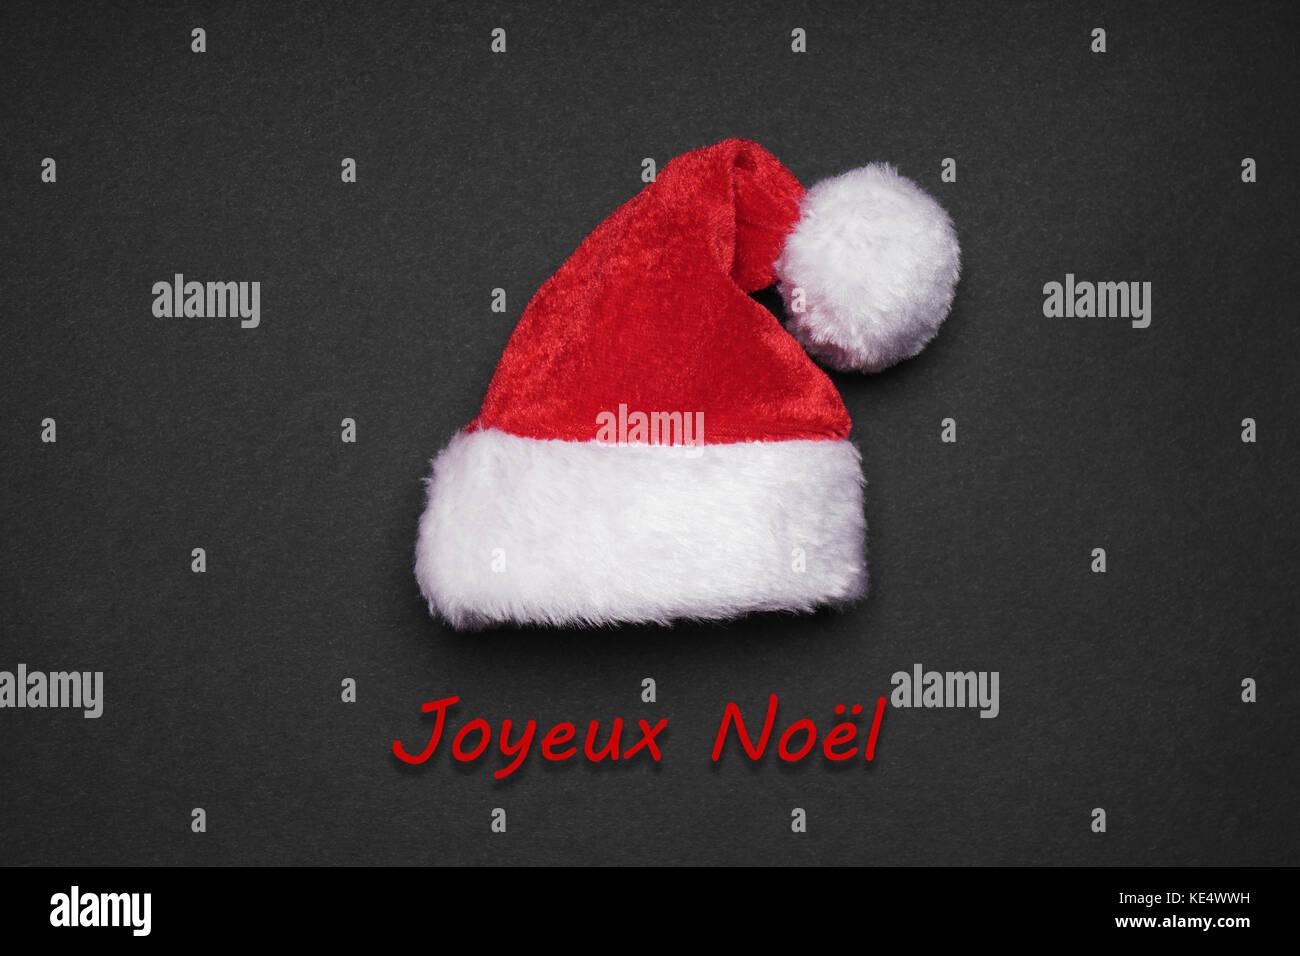 Joyeux Noel französisch Weihnachten Grußkarte Stockbild